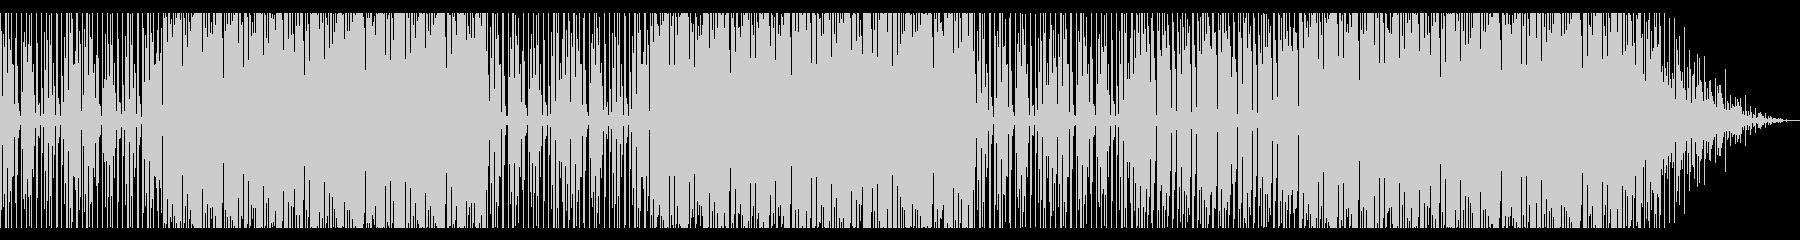 シンセウェーヴです。の未再生の波形